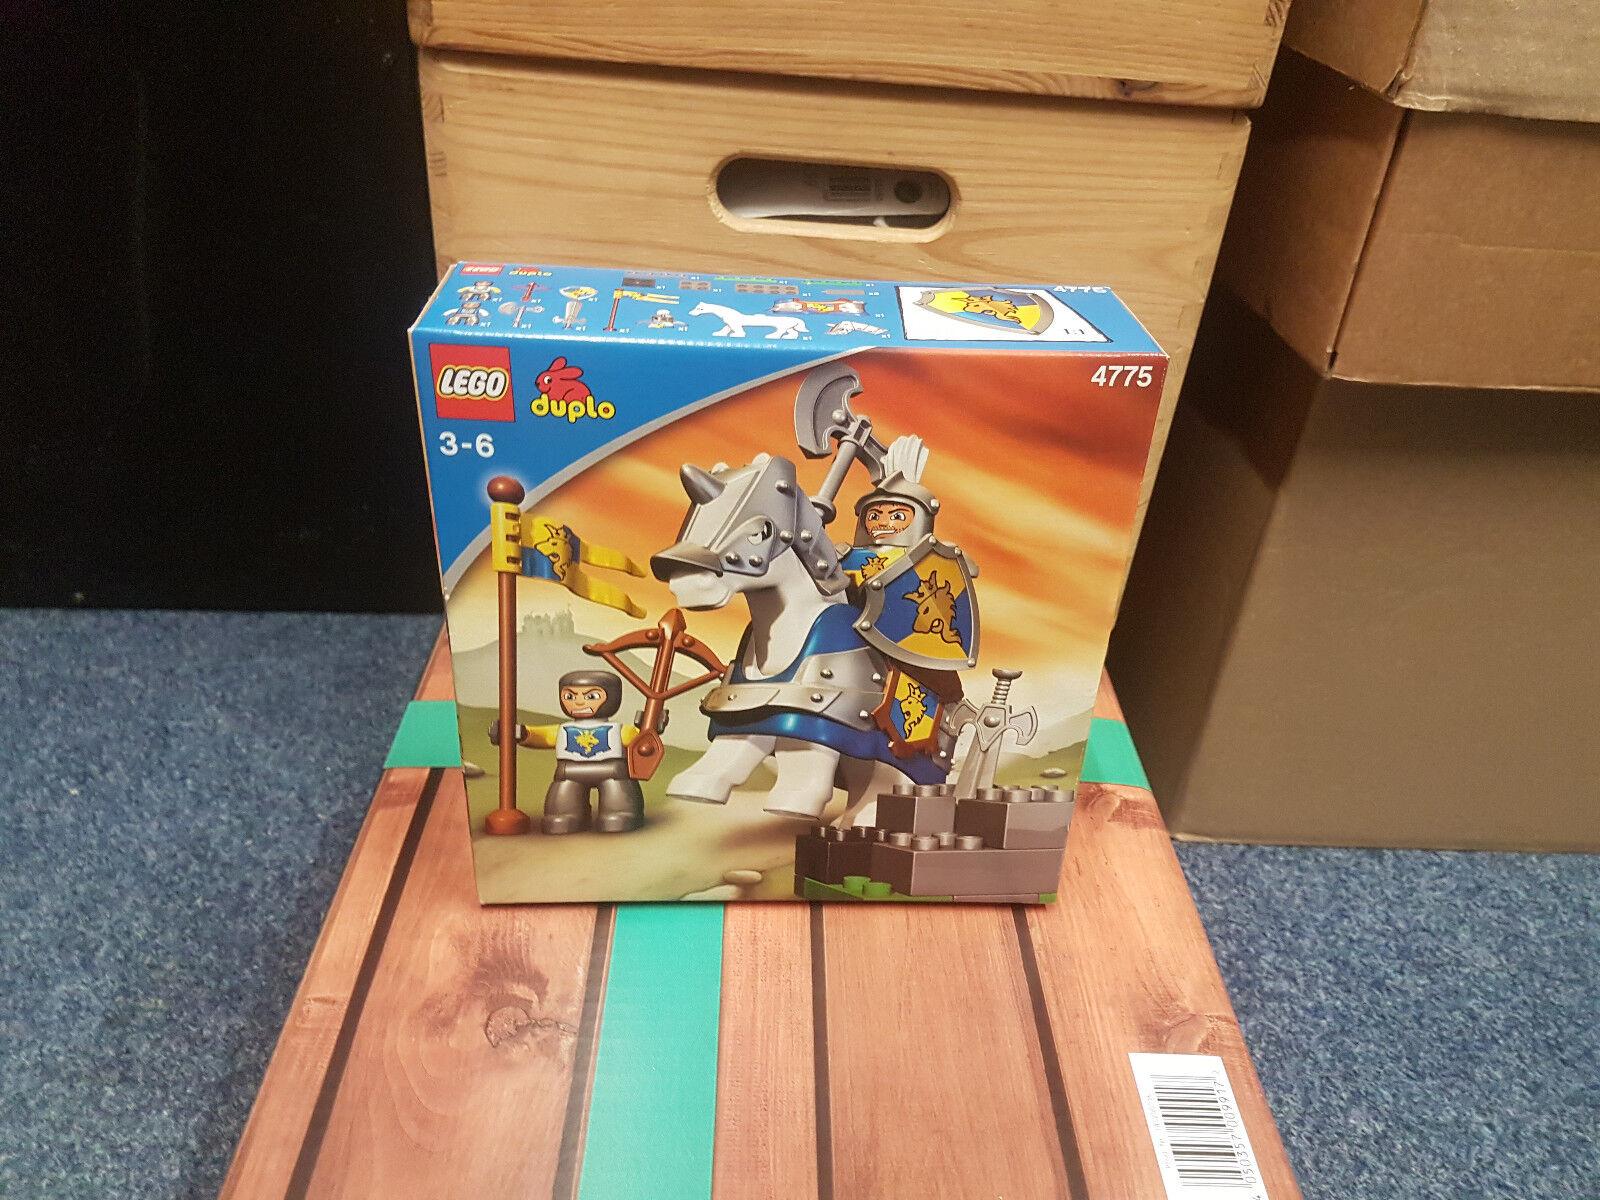 LEGO Duplo Ritter und Knappe (4775)